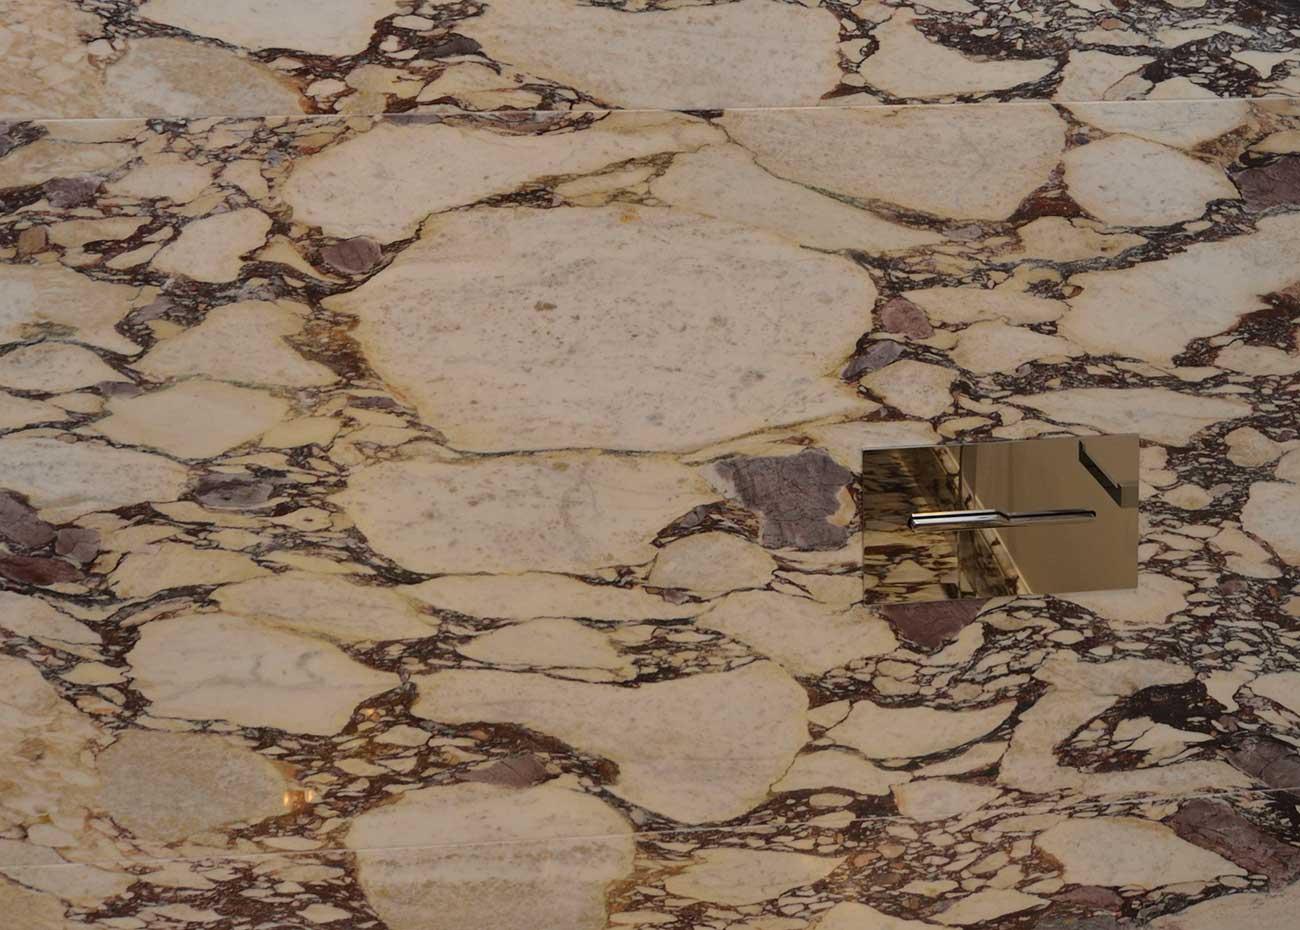 marmo-italiano-breccia-medicea-macchia-aperta